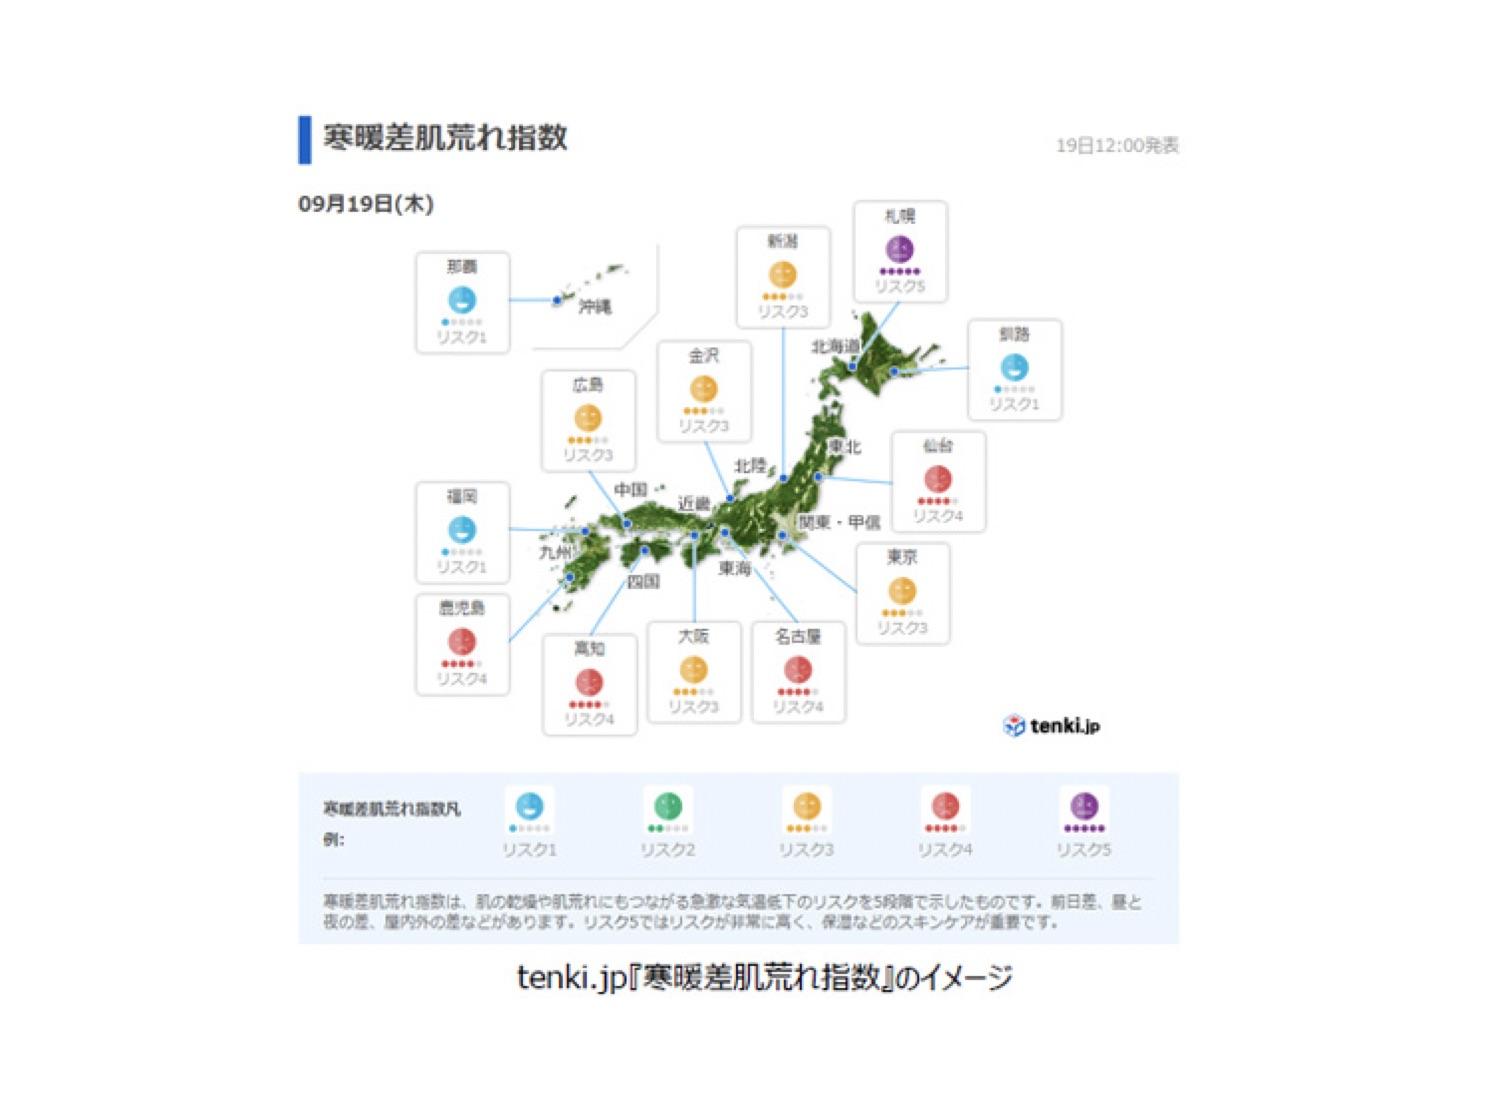 資生堂×日本気象協会|寒暖差肌荒れ指数を「tenki.jp」にて新指数として提供